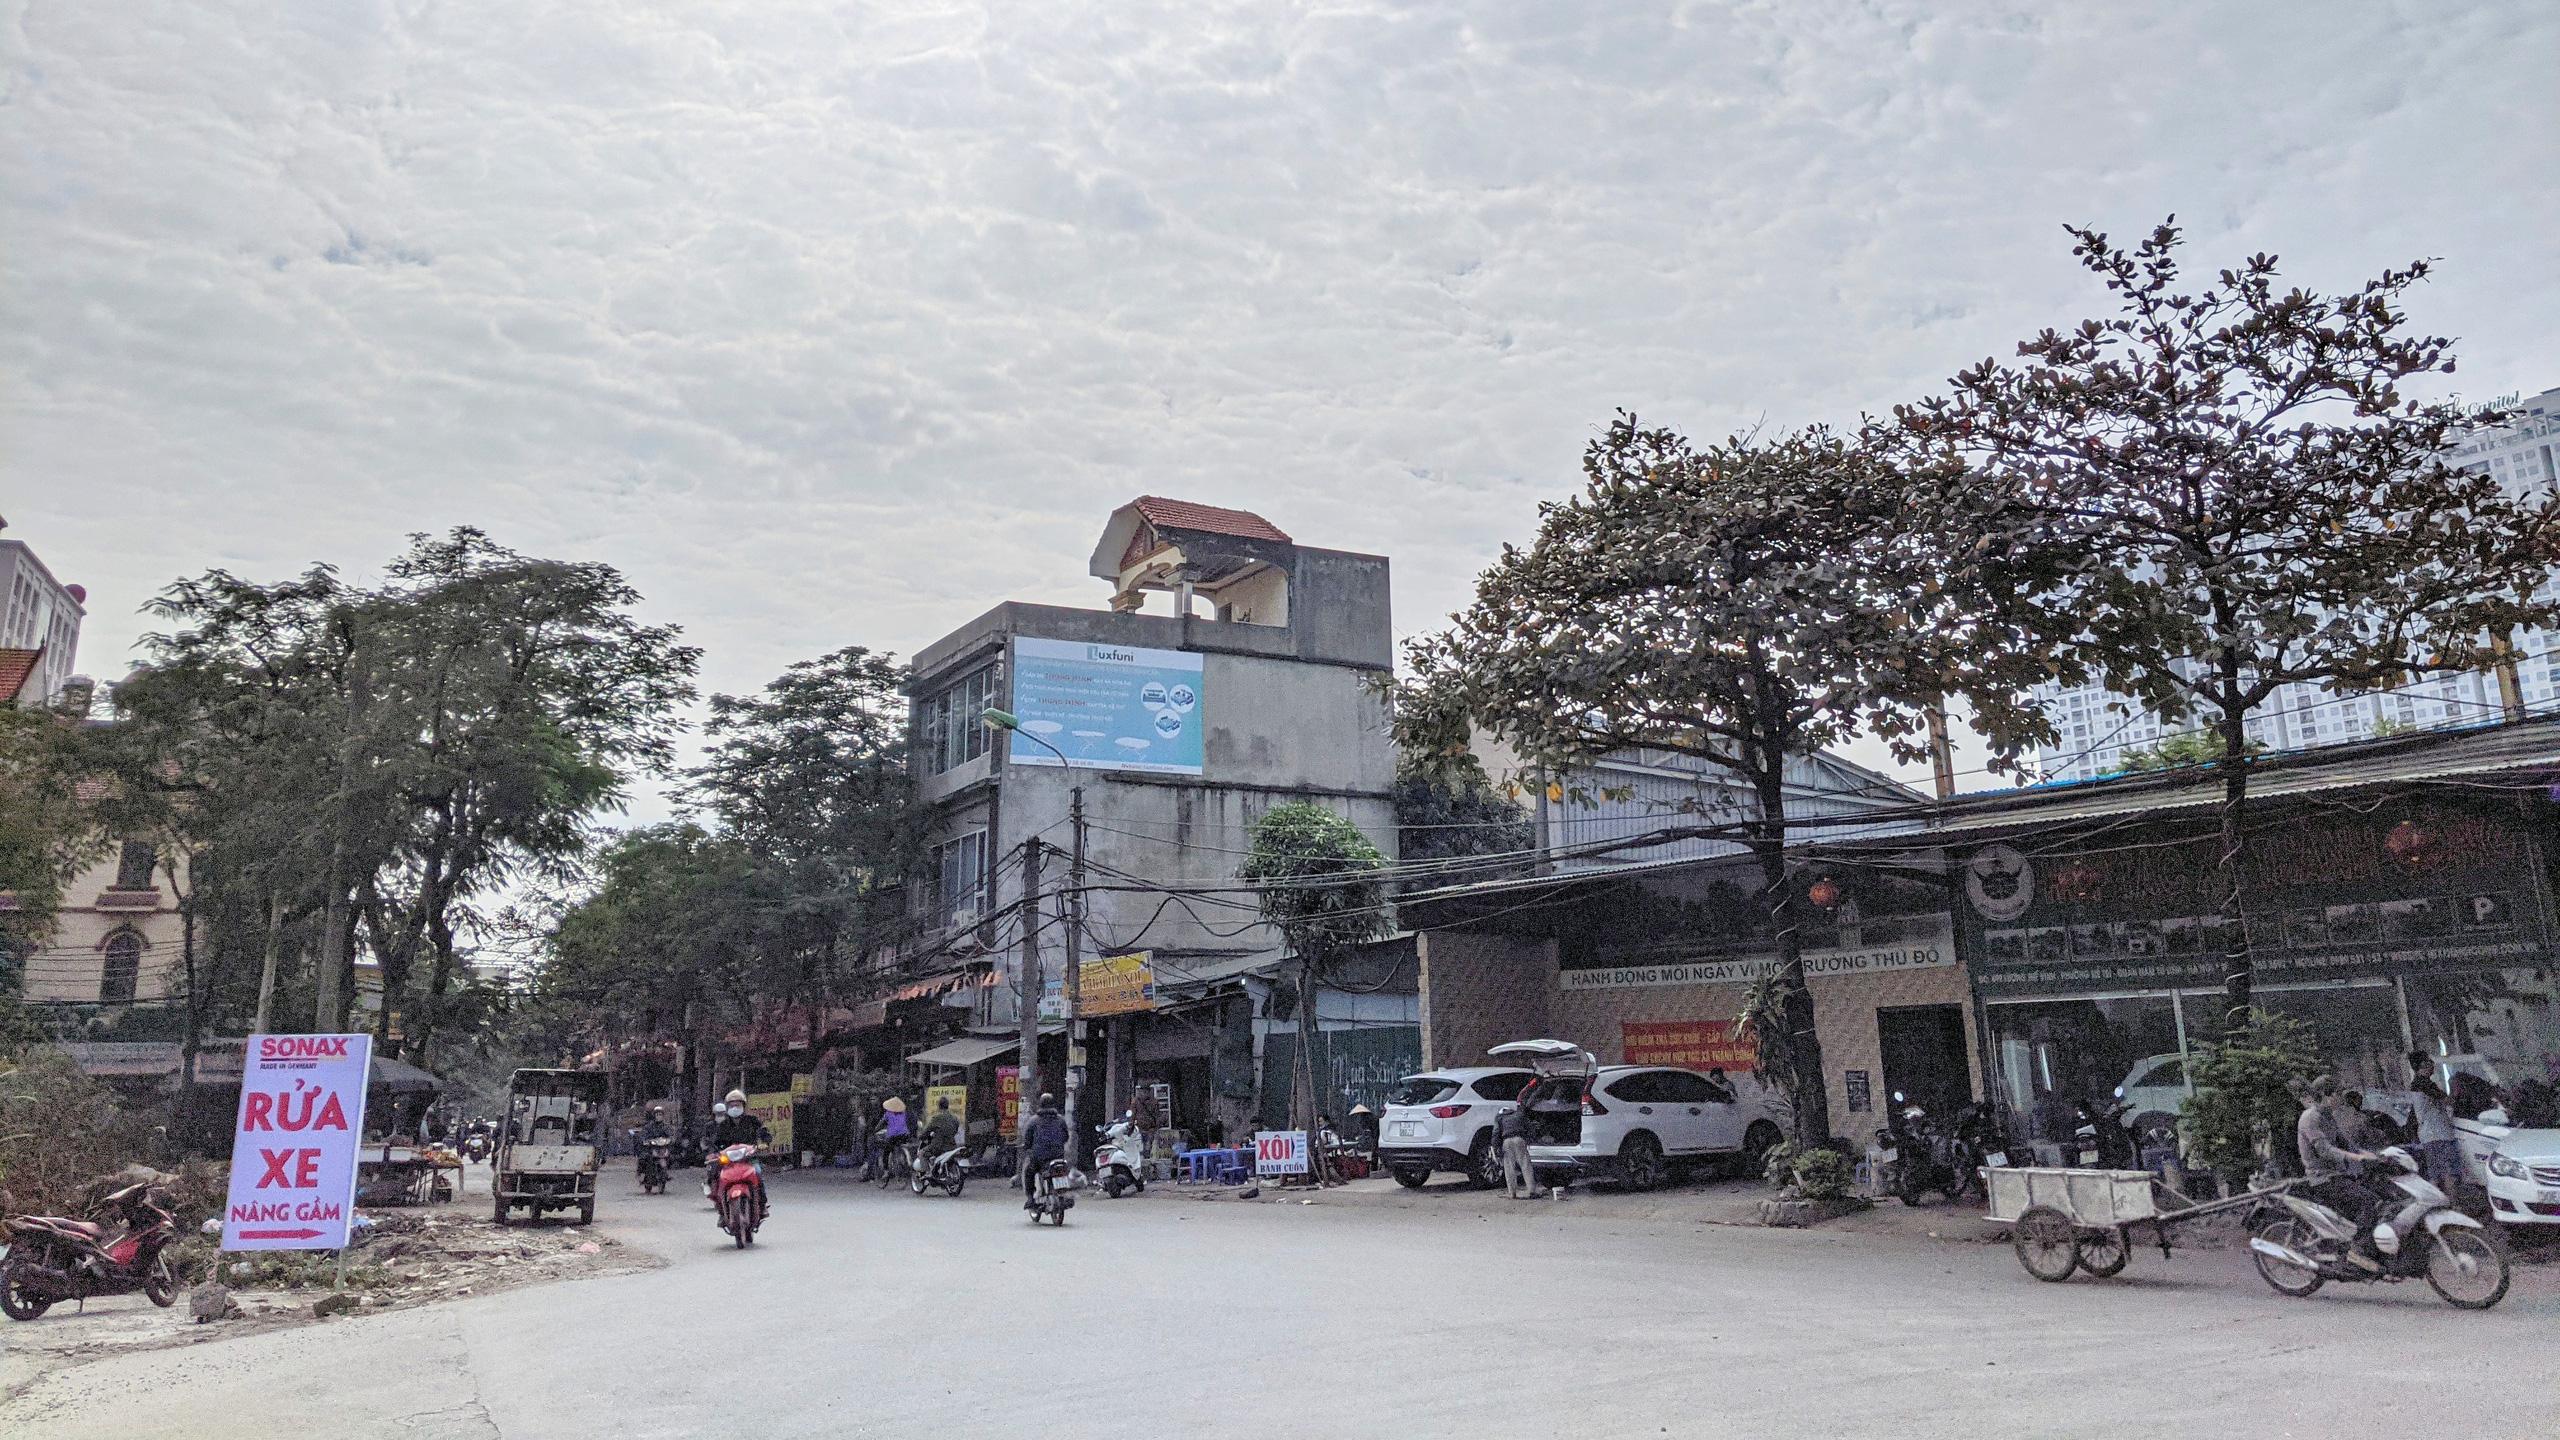 Đất dính quy hoạch phường Mễ Trì, Nam Từ Liêm, Hà Nội - Ảnh 7.